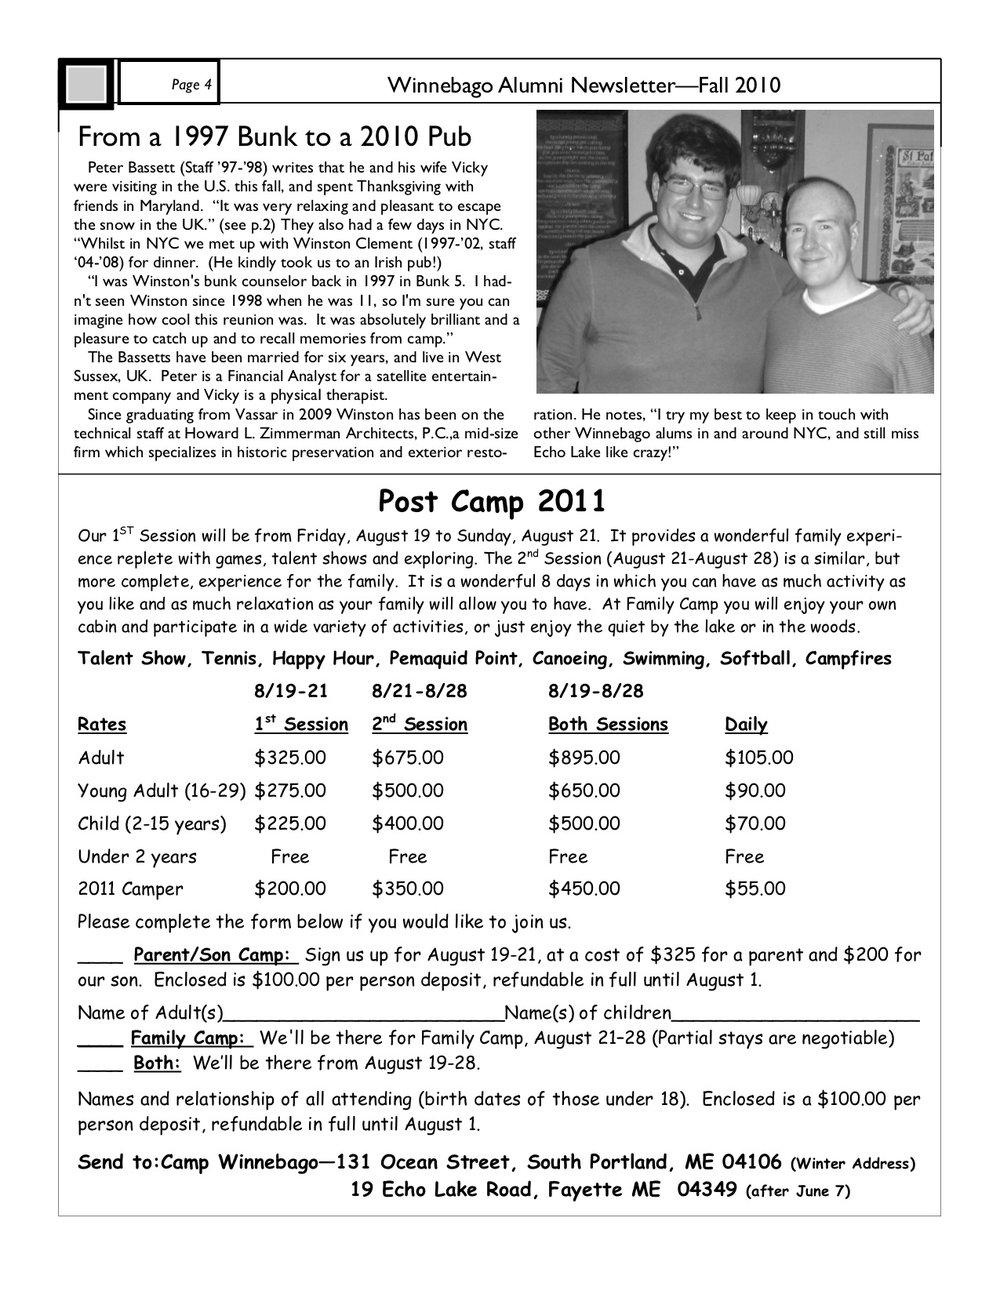 2010 Fall Newsletter 4.jpg